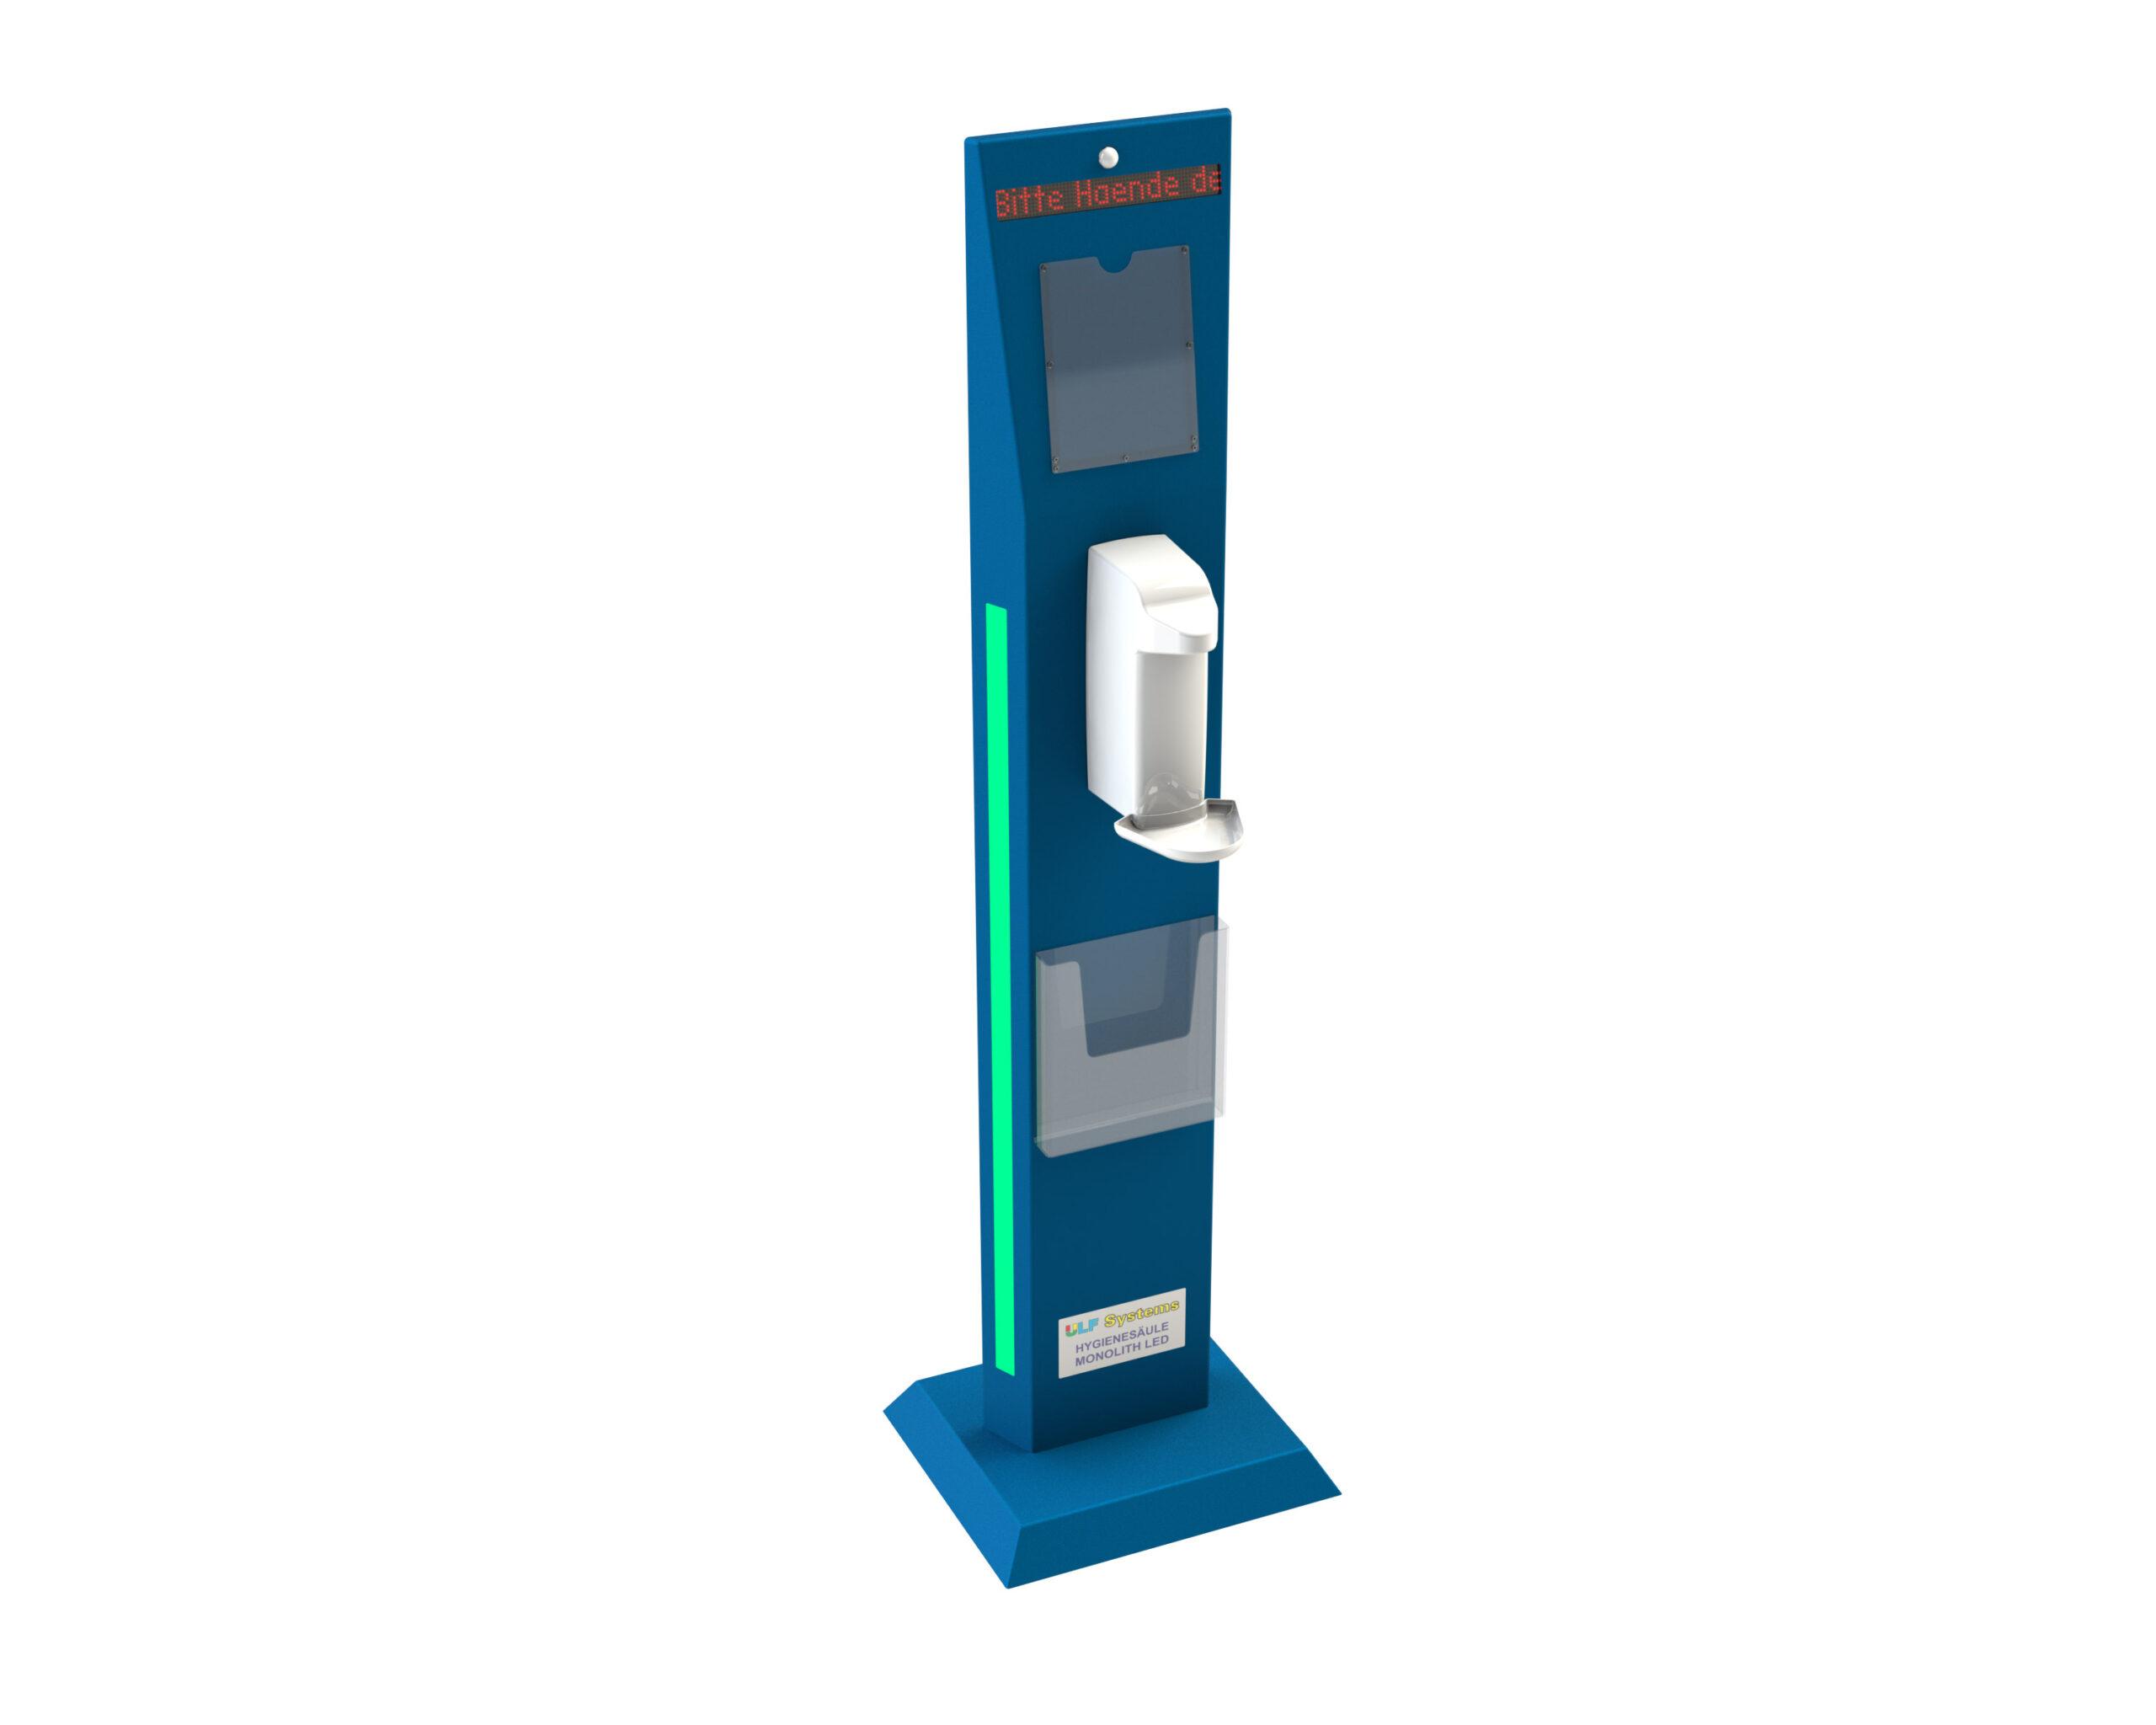 Hygienesaeule-Monolith-LED-Prospekthalter-vorne